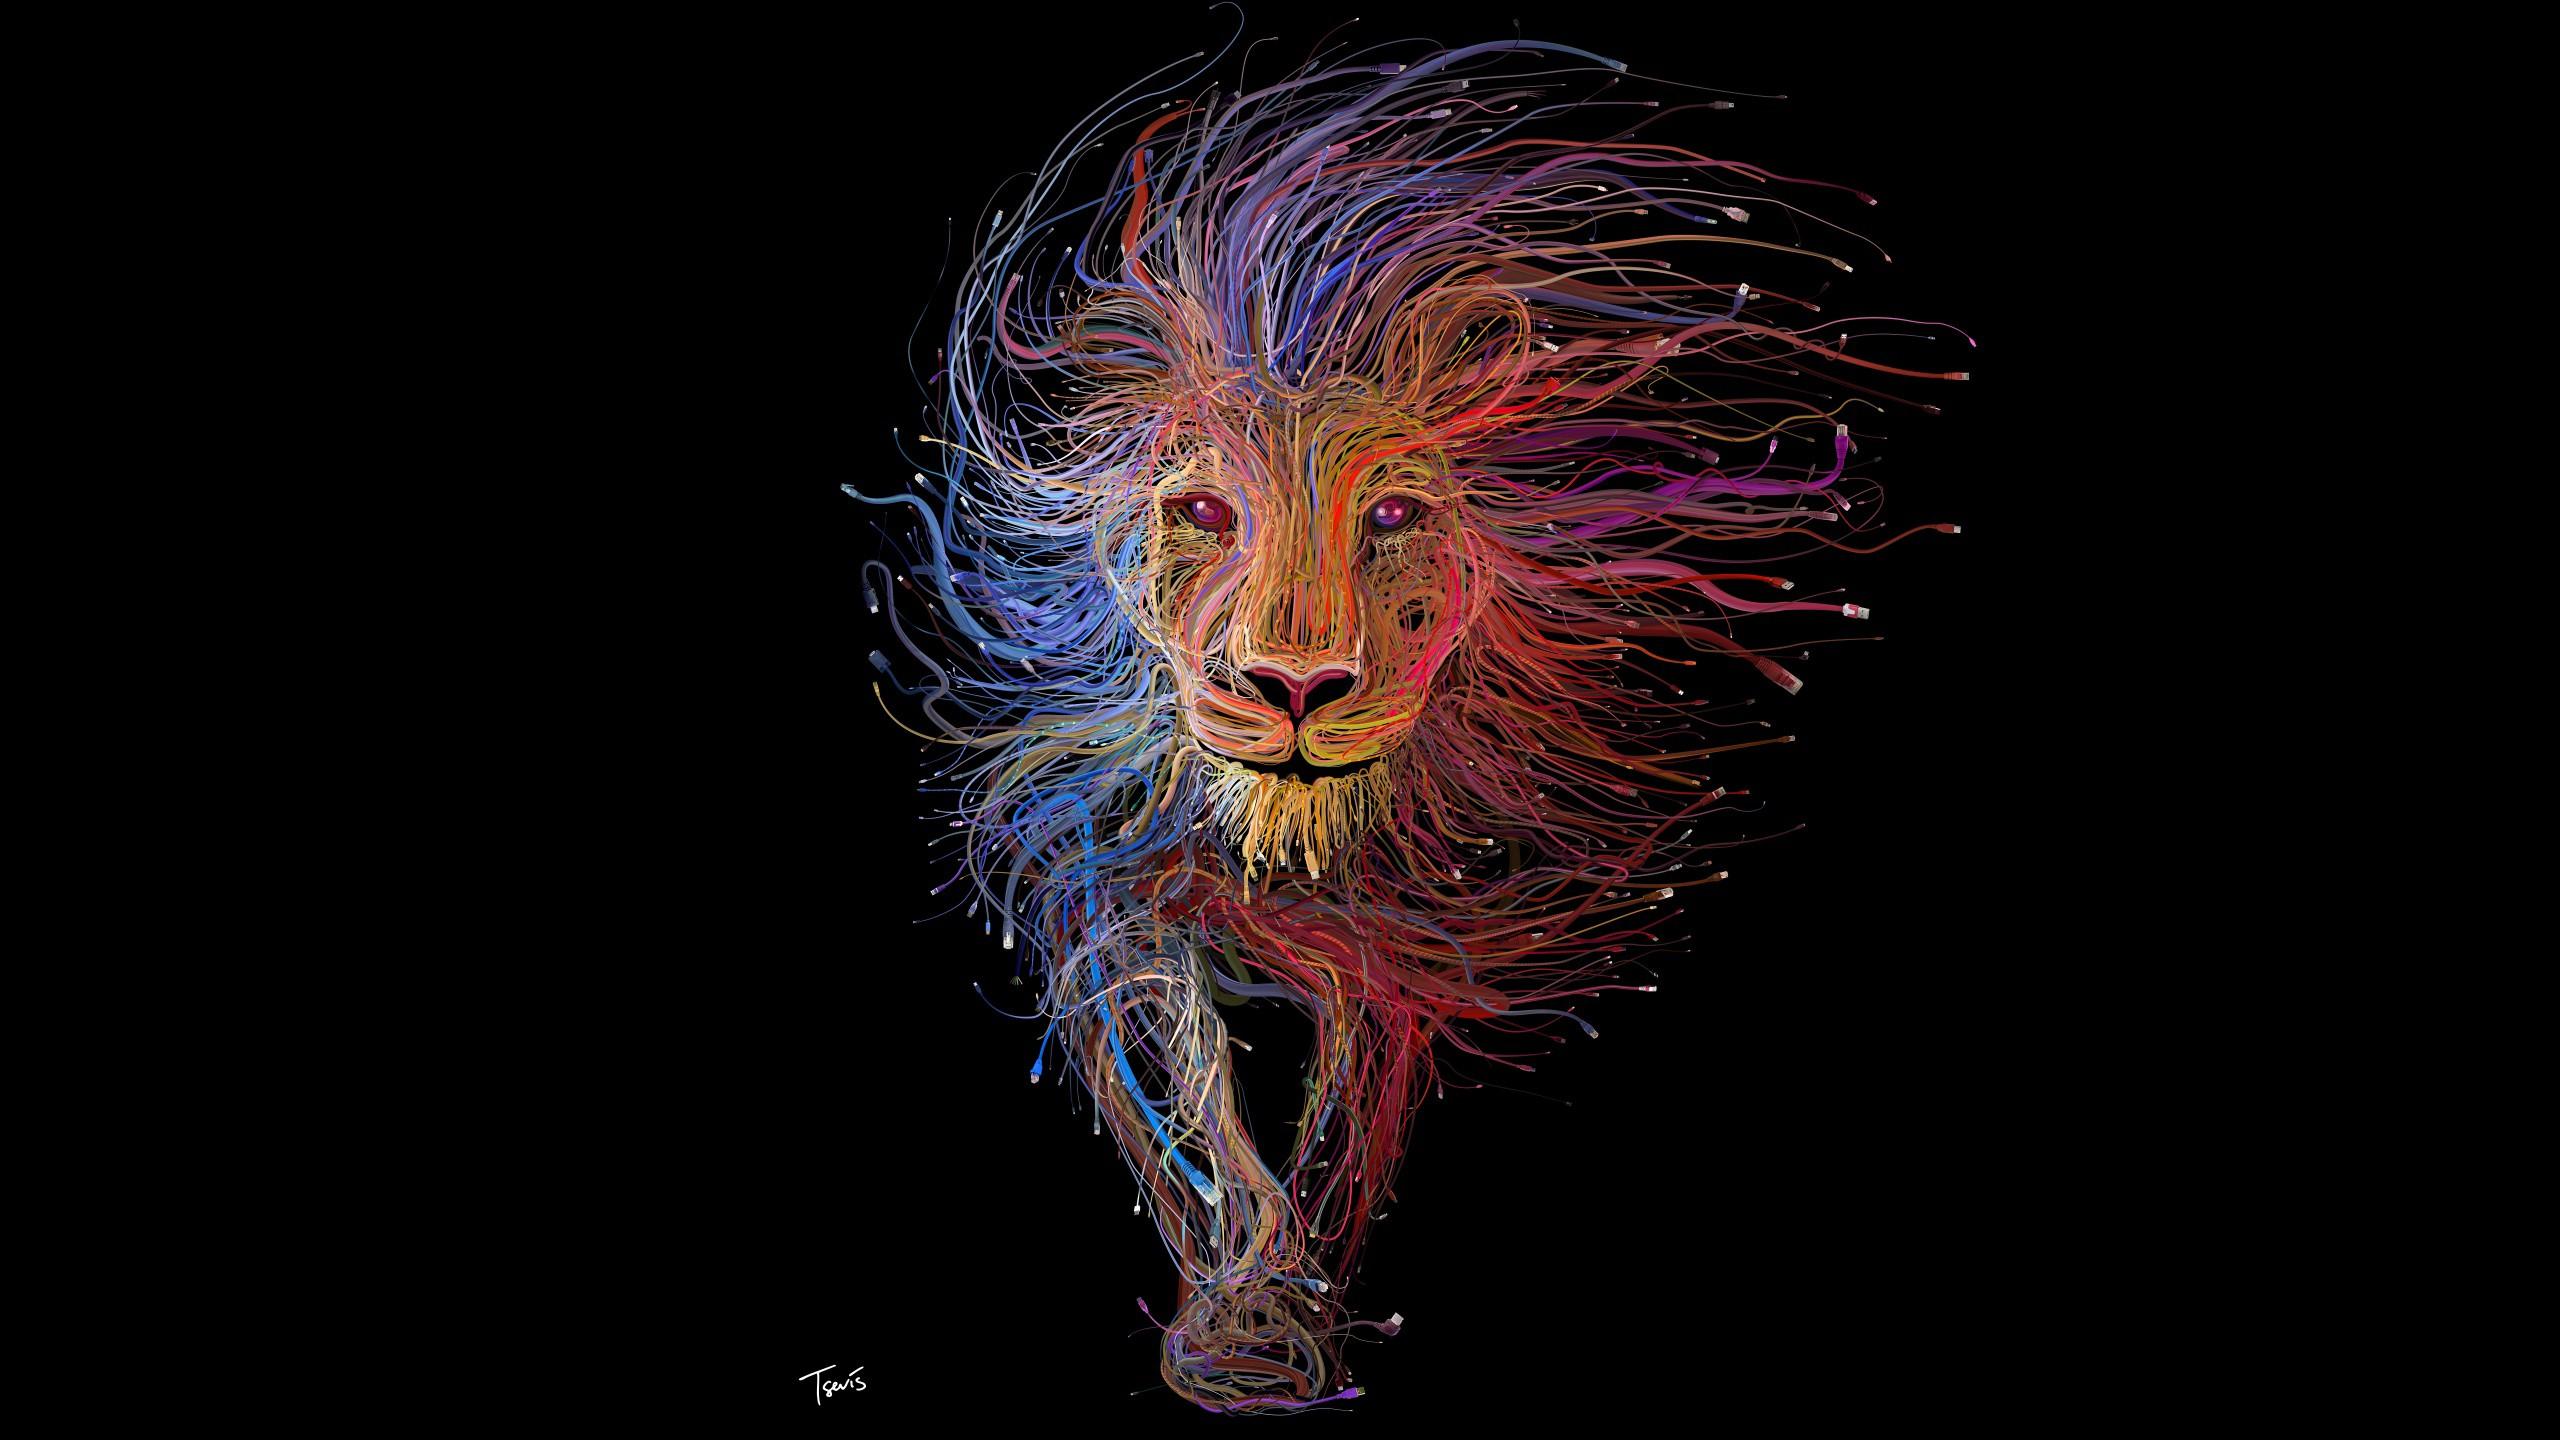 Lion Wires Art Wallpaper | Artist HD Wallpapers